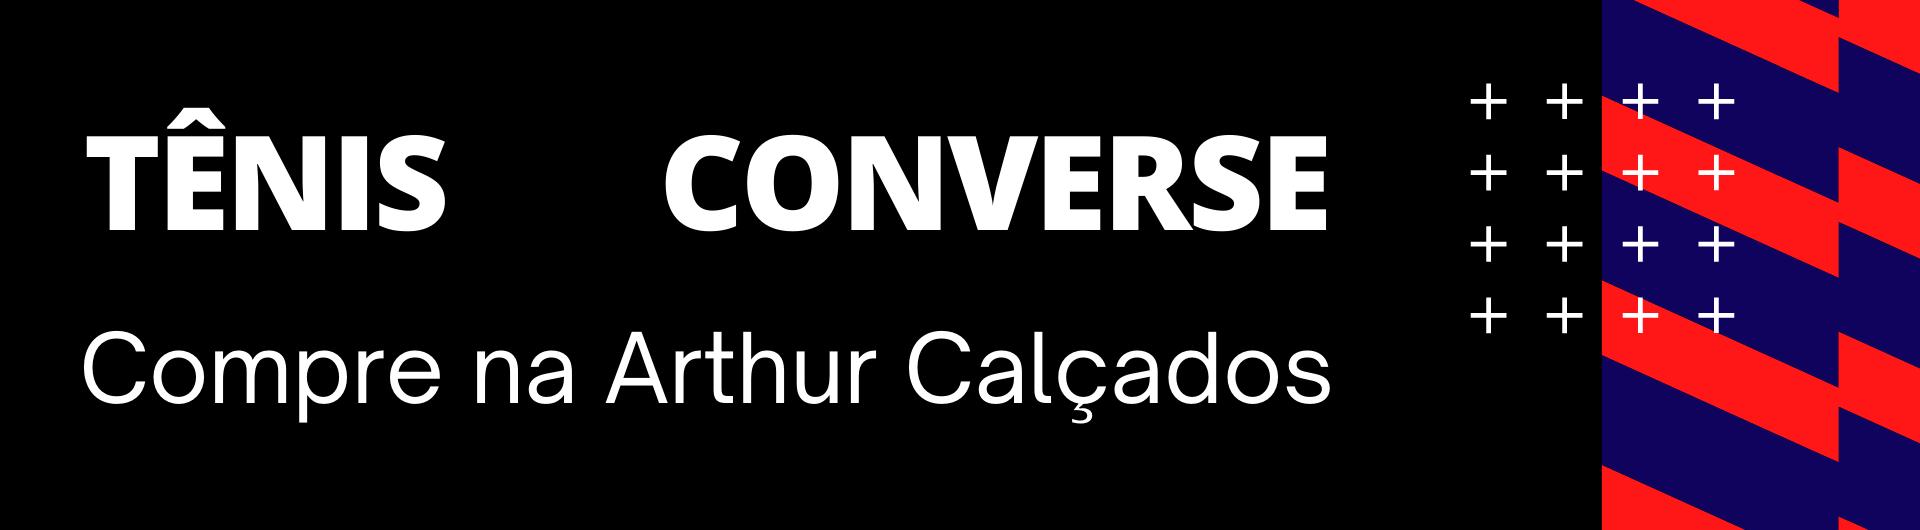 compre converse